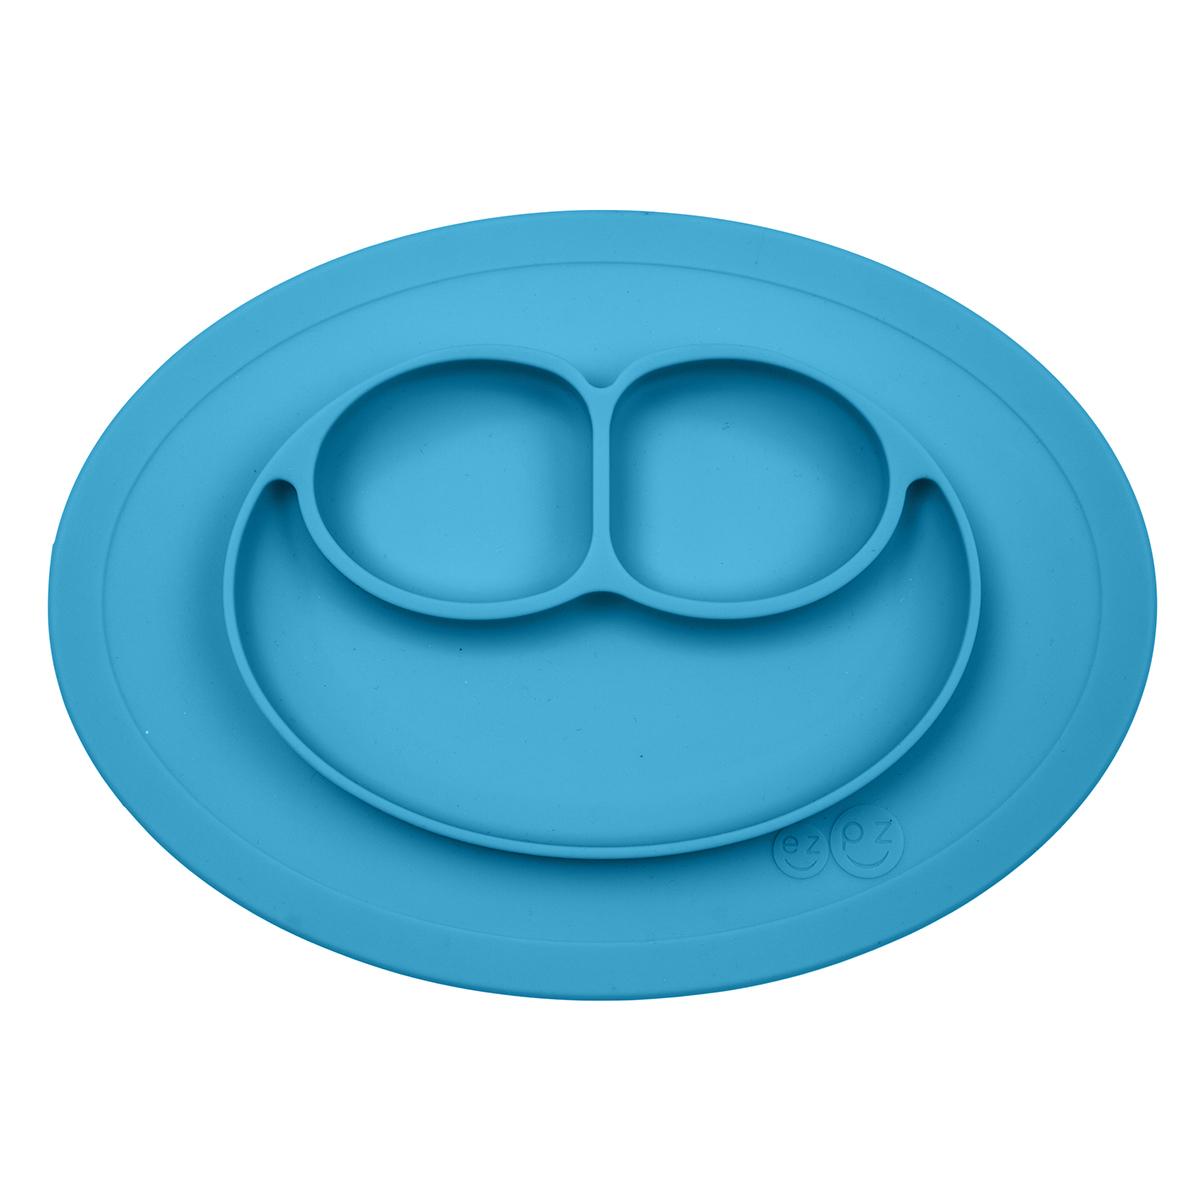 Vaisselle & Couvert Set de Table et Assiette Tout-en-1 Irrenversable Mini Mat - Bleu Set de Table et Assiette Tout-en-1 Irrenversable Mini Mat - Bleu